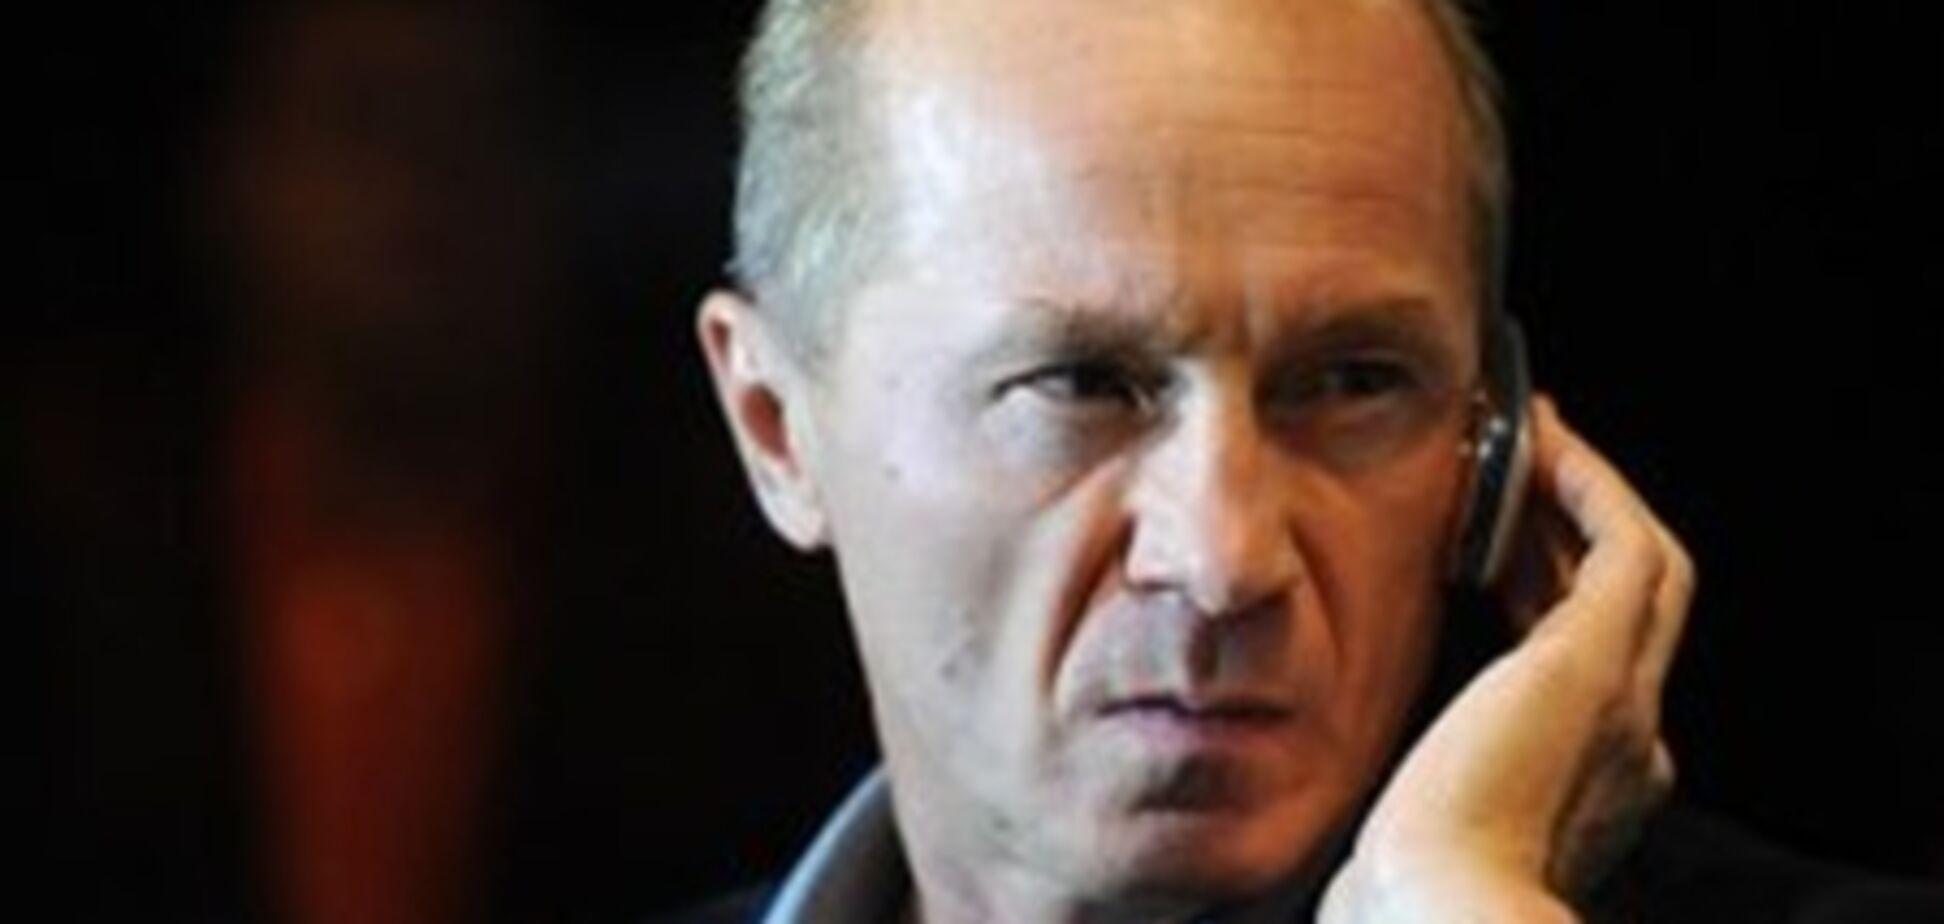 Андрій Панін швидше за все помер в результаті нещасного випадку - СК РФ